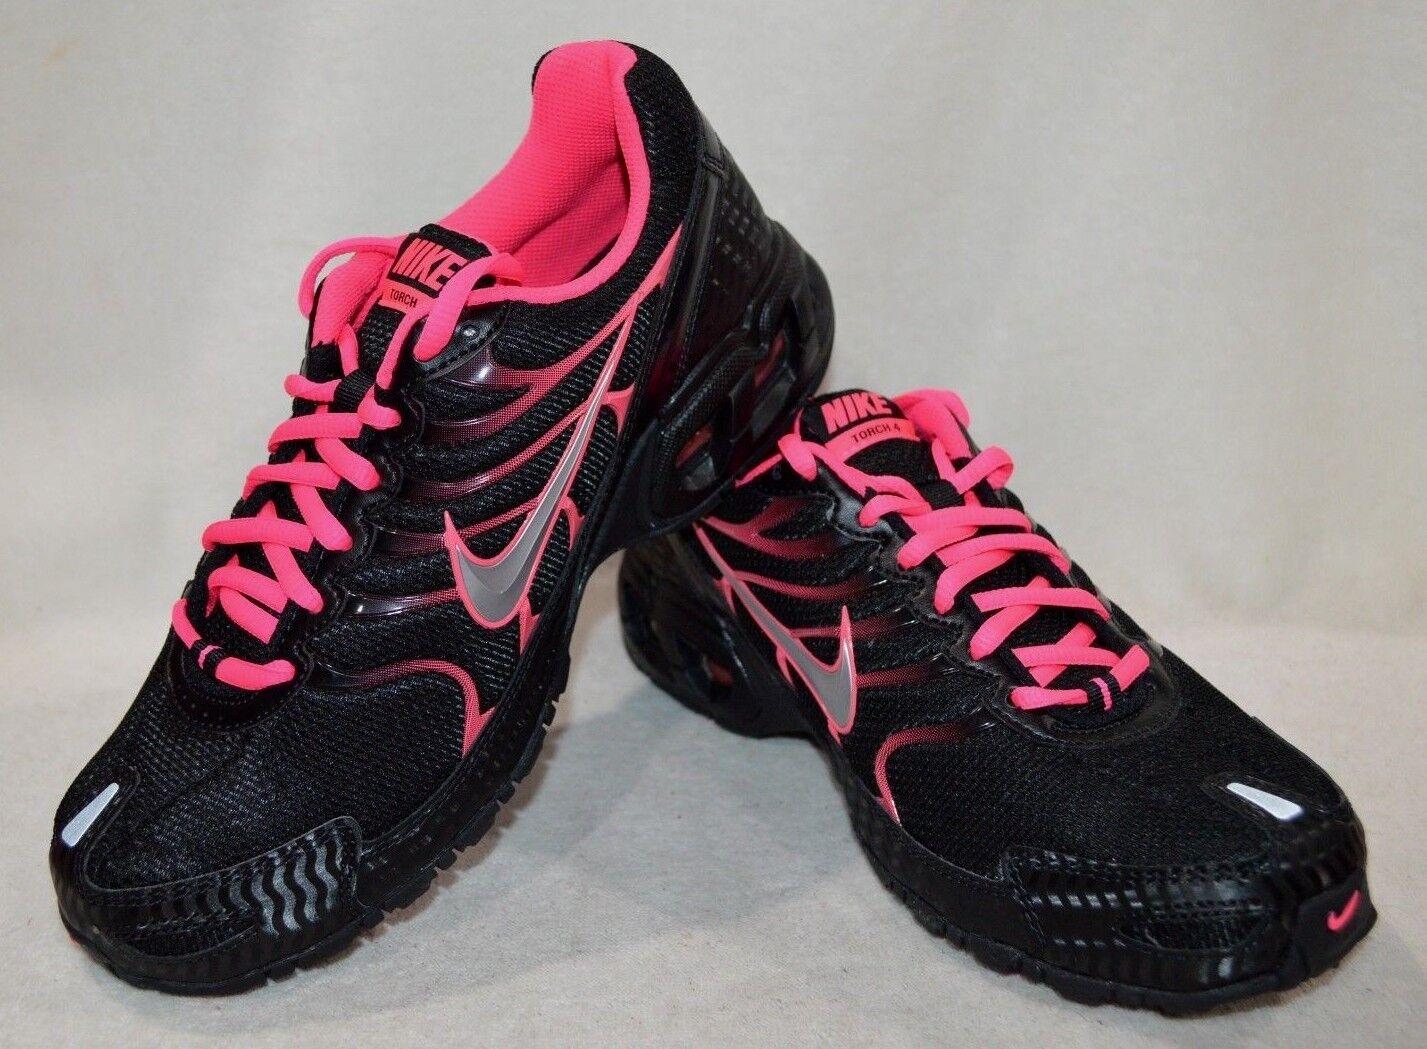 Nike Air Air Air Max Torch 4 Nero argentoo rosa Donna Scarpe da corsa-Assortiti Taglie NWB c27953